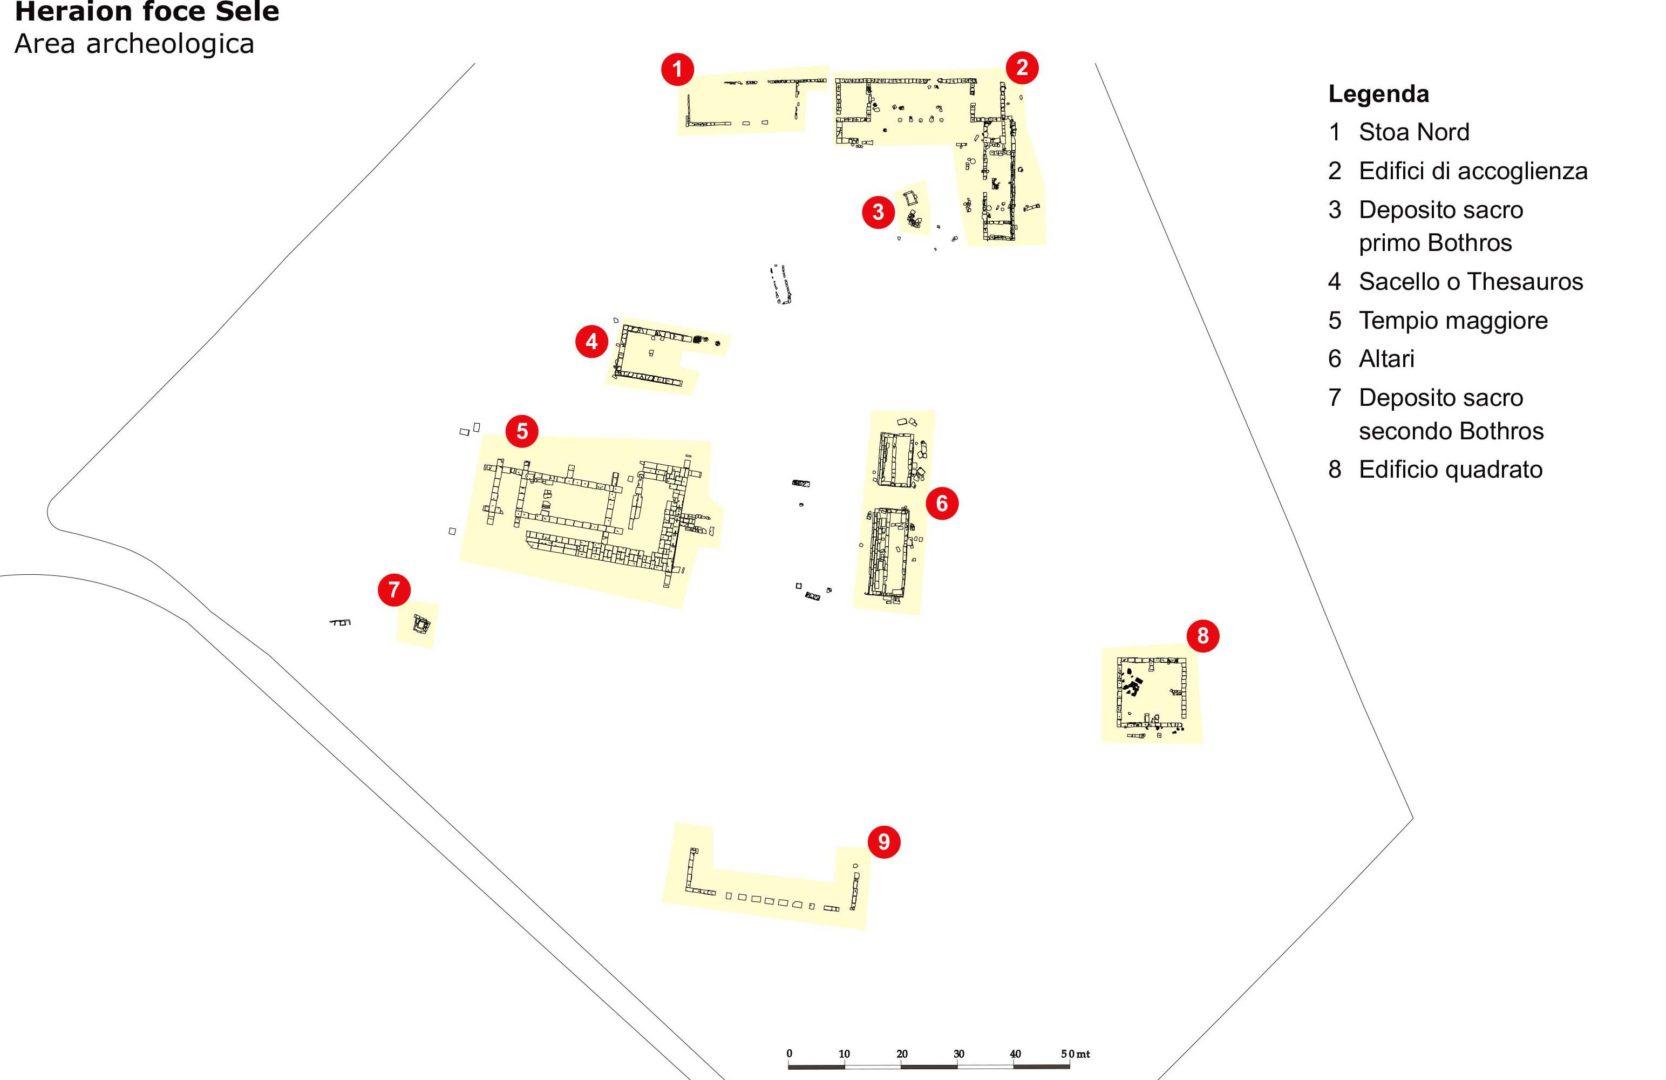 PIANTE_PDF_heraion_area_archeologica.cdr